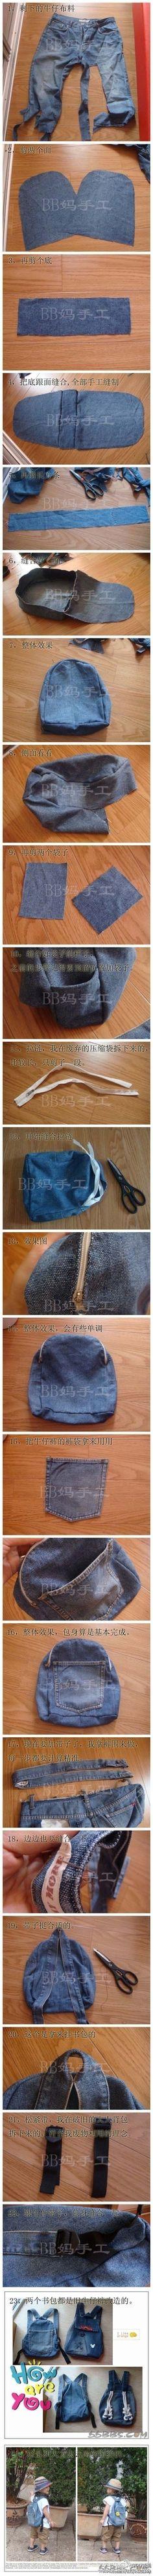 jean backpack DIY by bonniemae